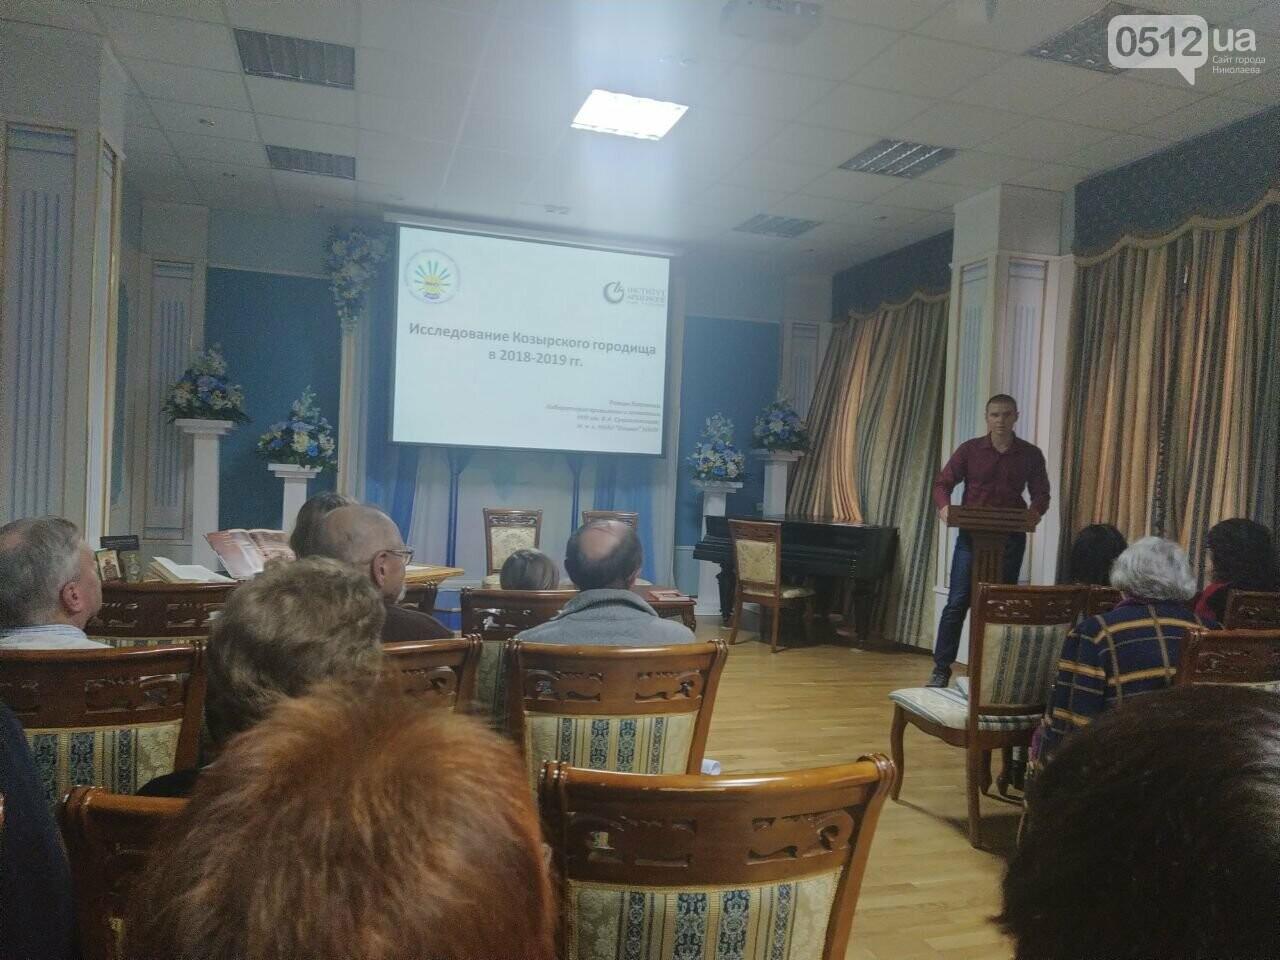 В Николаеве презентовали книги про известного археолога, - ФОТО , фото-1